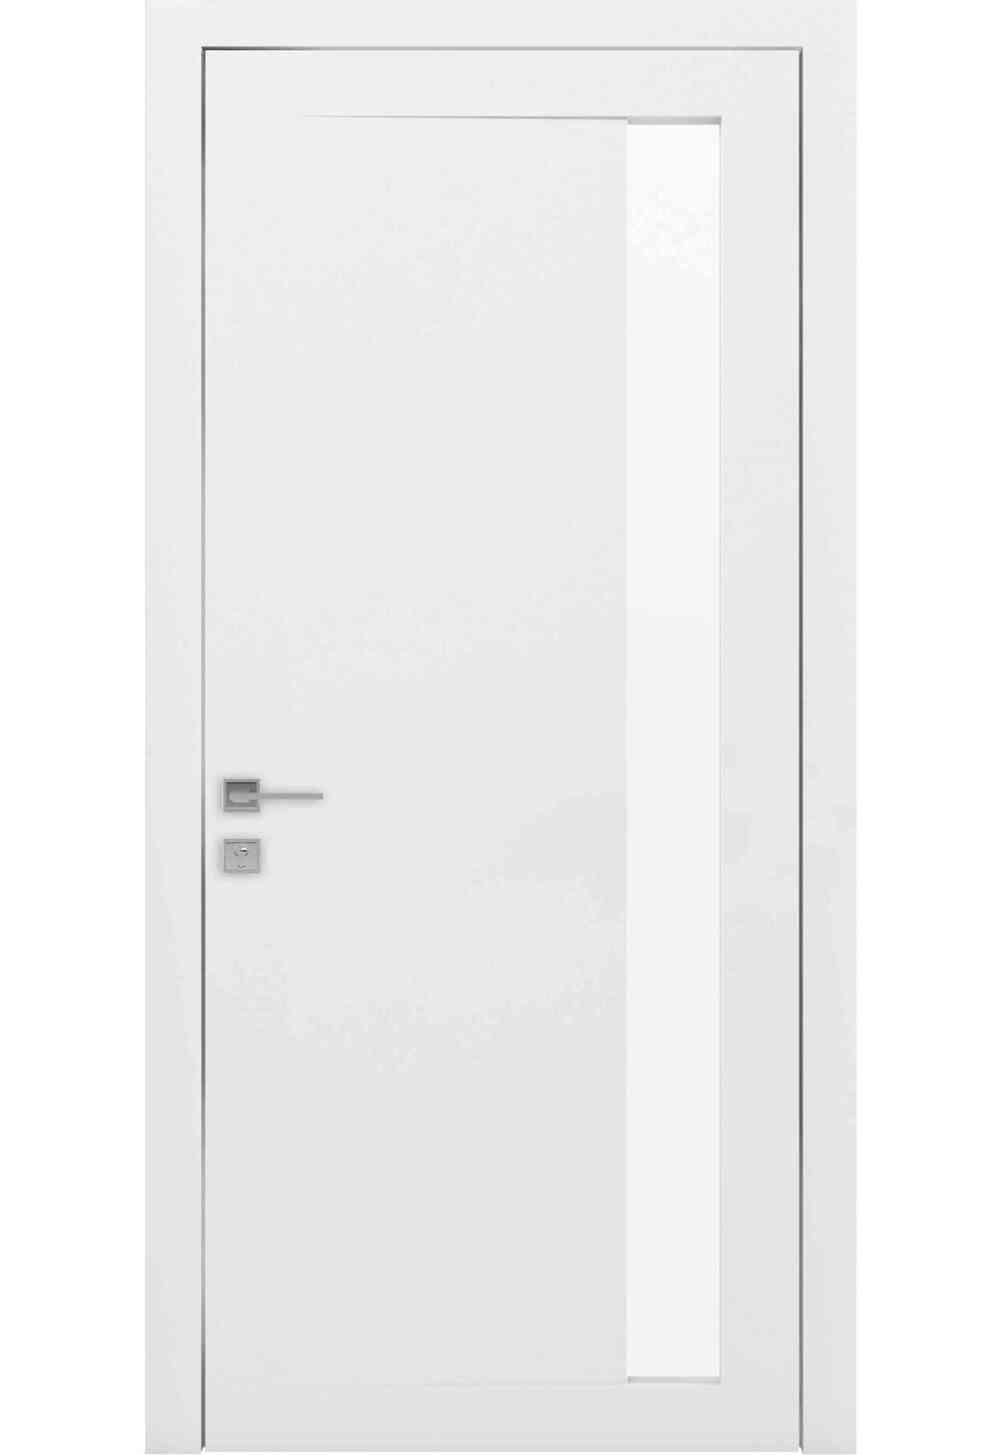 Купити Двері міжкімнатні RODOS LOFT ARRIGO півскло /Білий матовий/, 900x2000